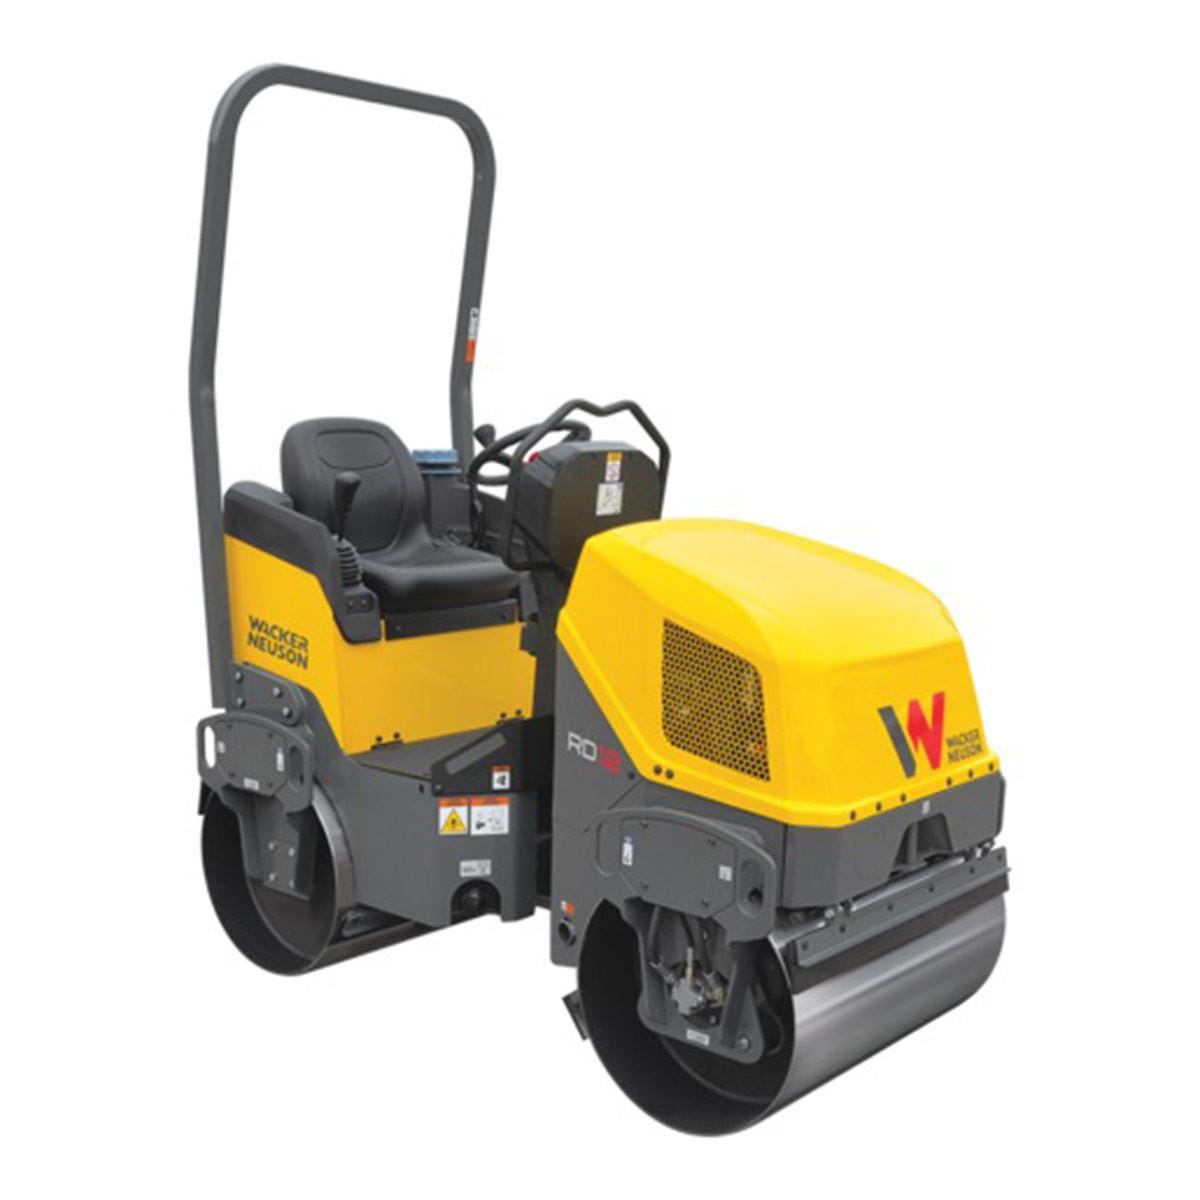 Wacker Neuson roller asphalt 5